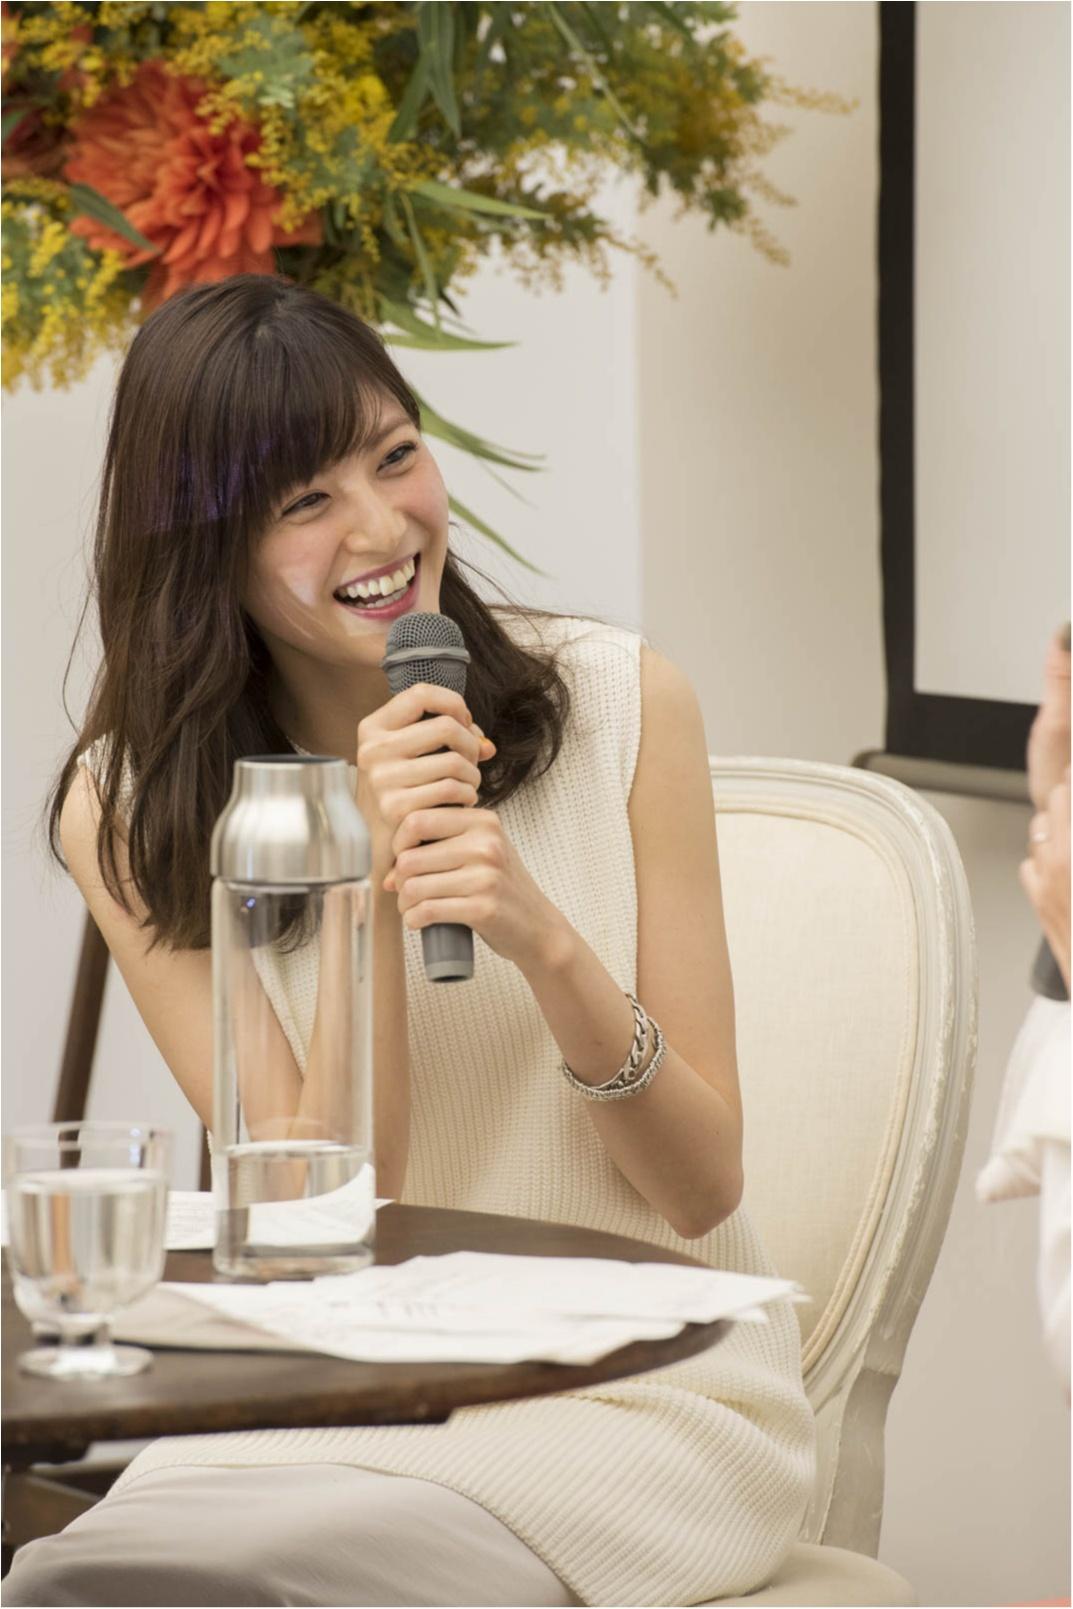 モデル佐藤ありさのこだわりがぎゅっ! 大人気ブランドの新作をイベントで発表しちゃいました☆_3